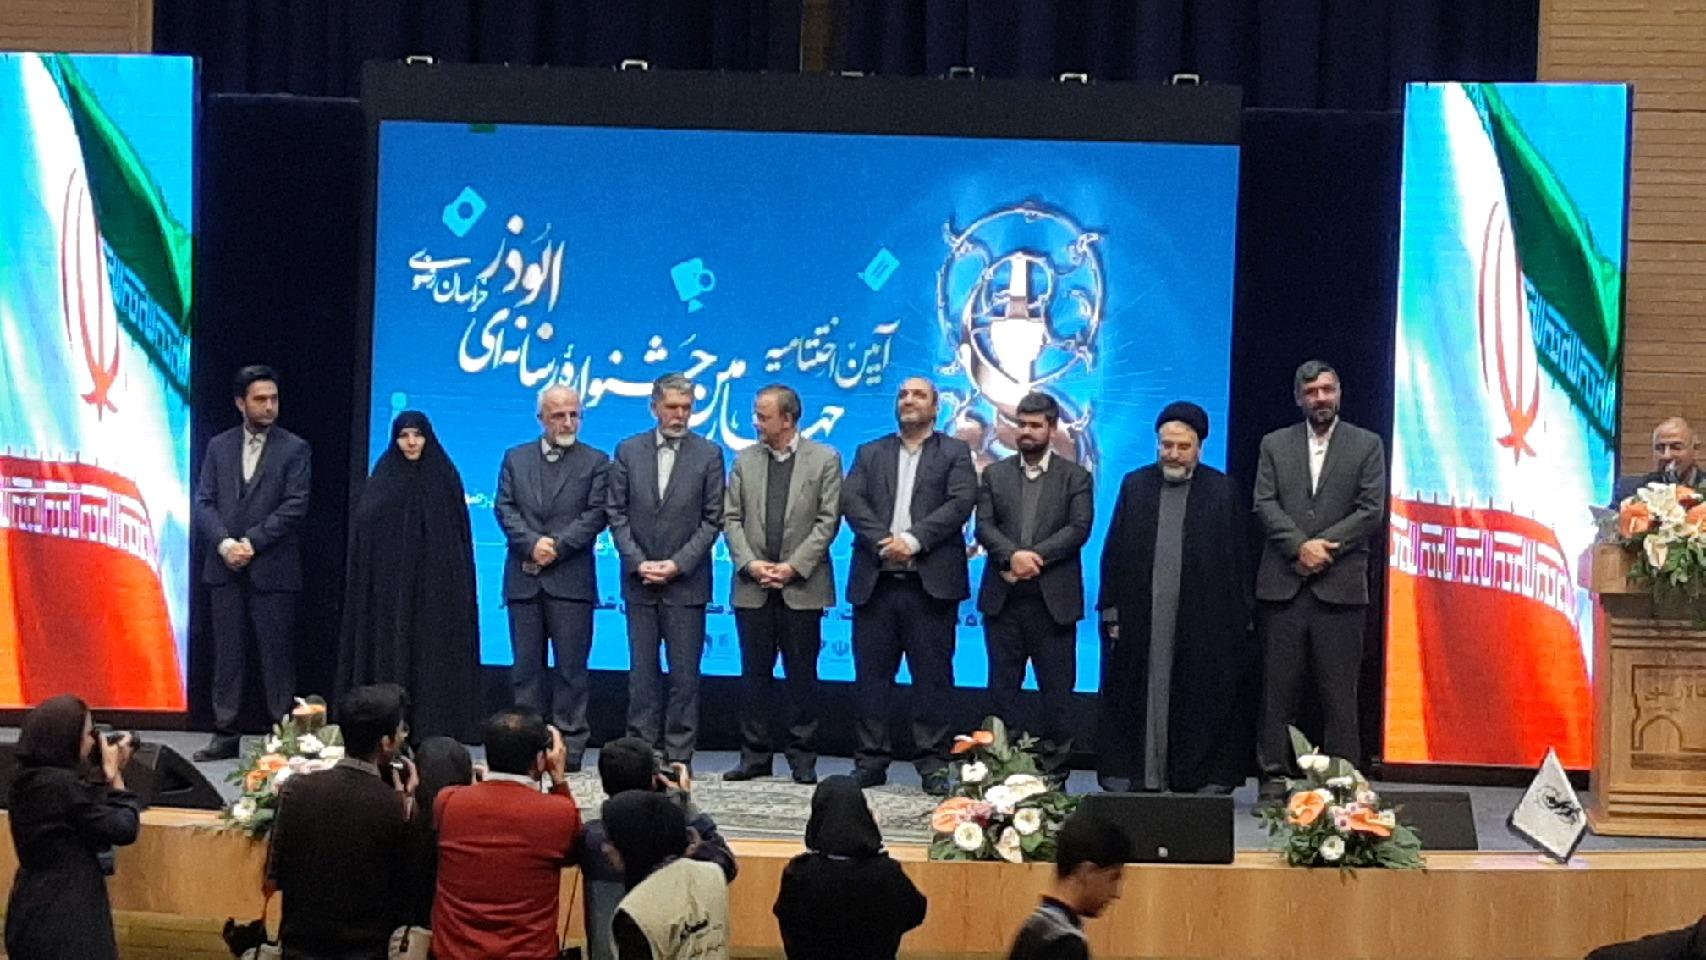 درخشش صداوسیمای مرکز خراسان رضوی در چهارمین جشنواره رسانهای ابوذر